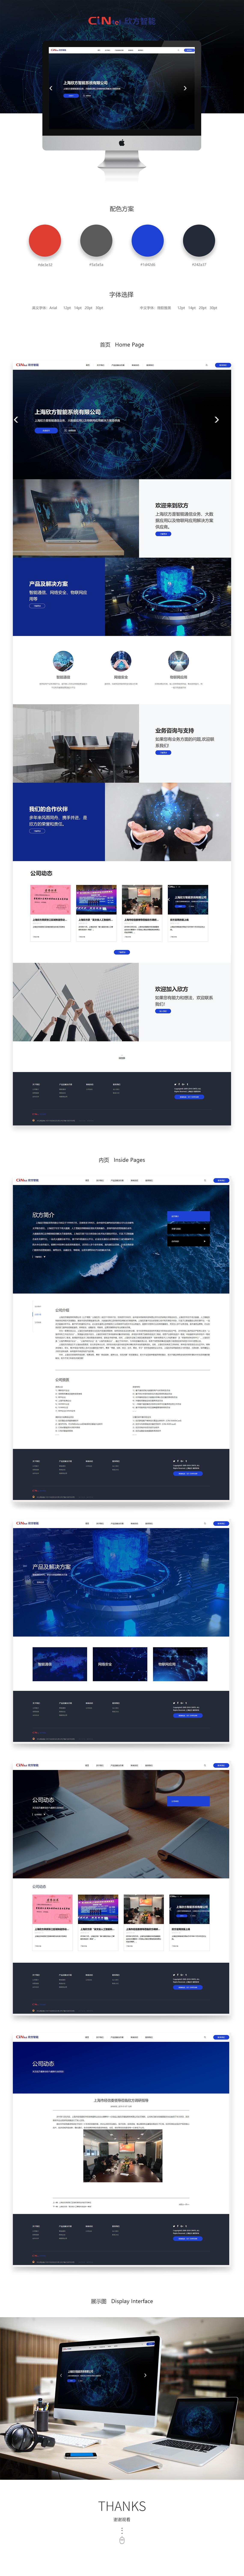 公司案例展示2018-42上海欣方